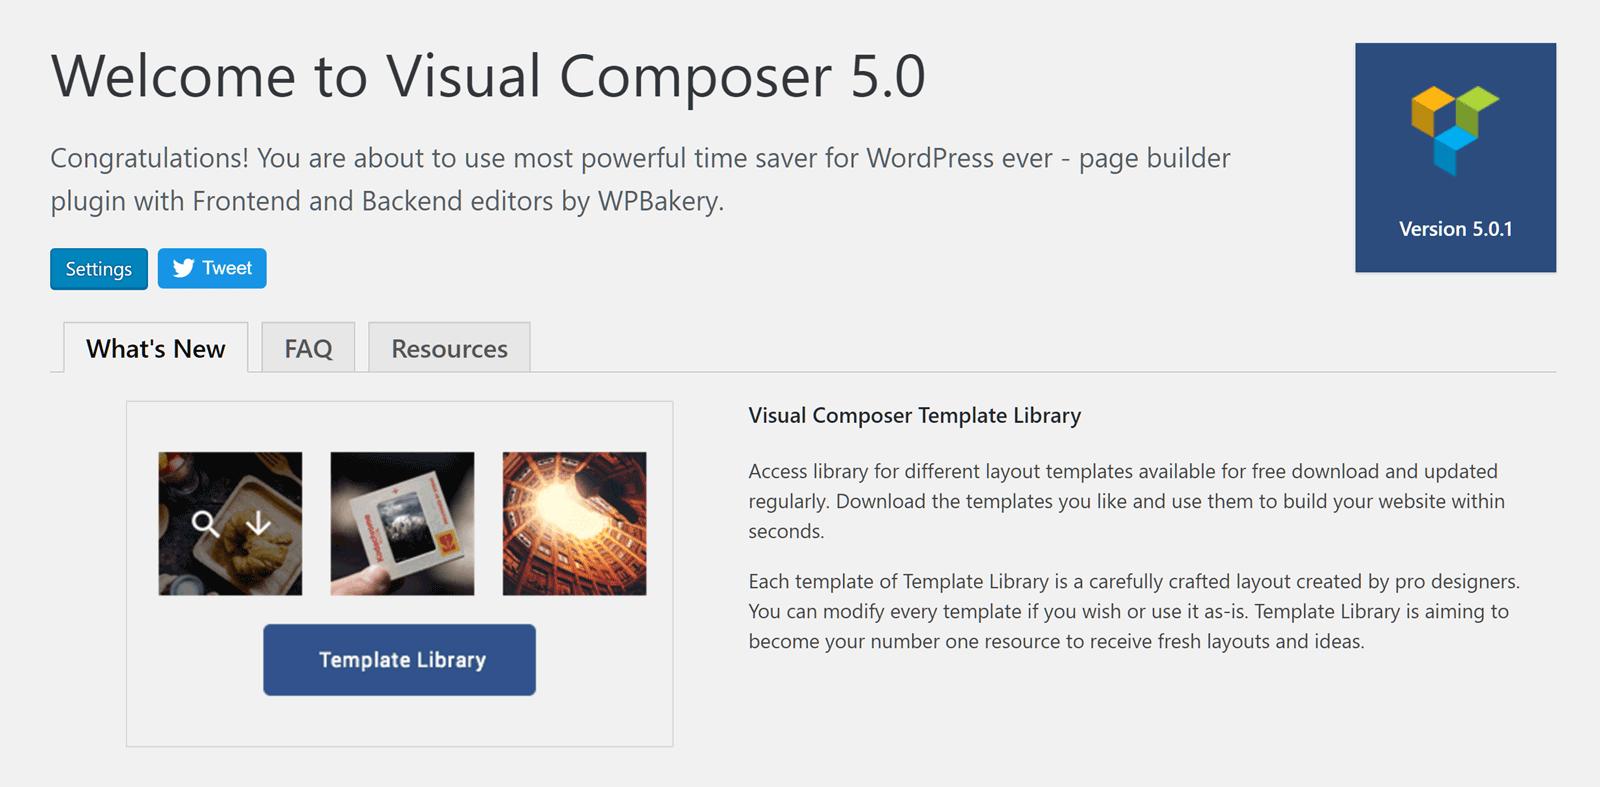 Visual Composer 5